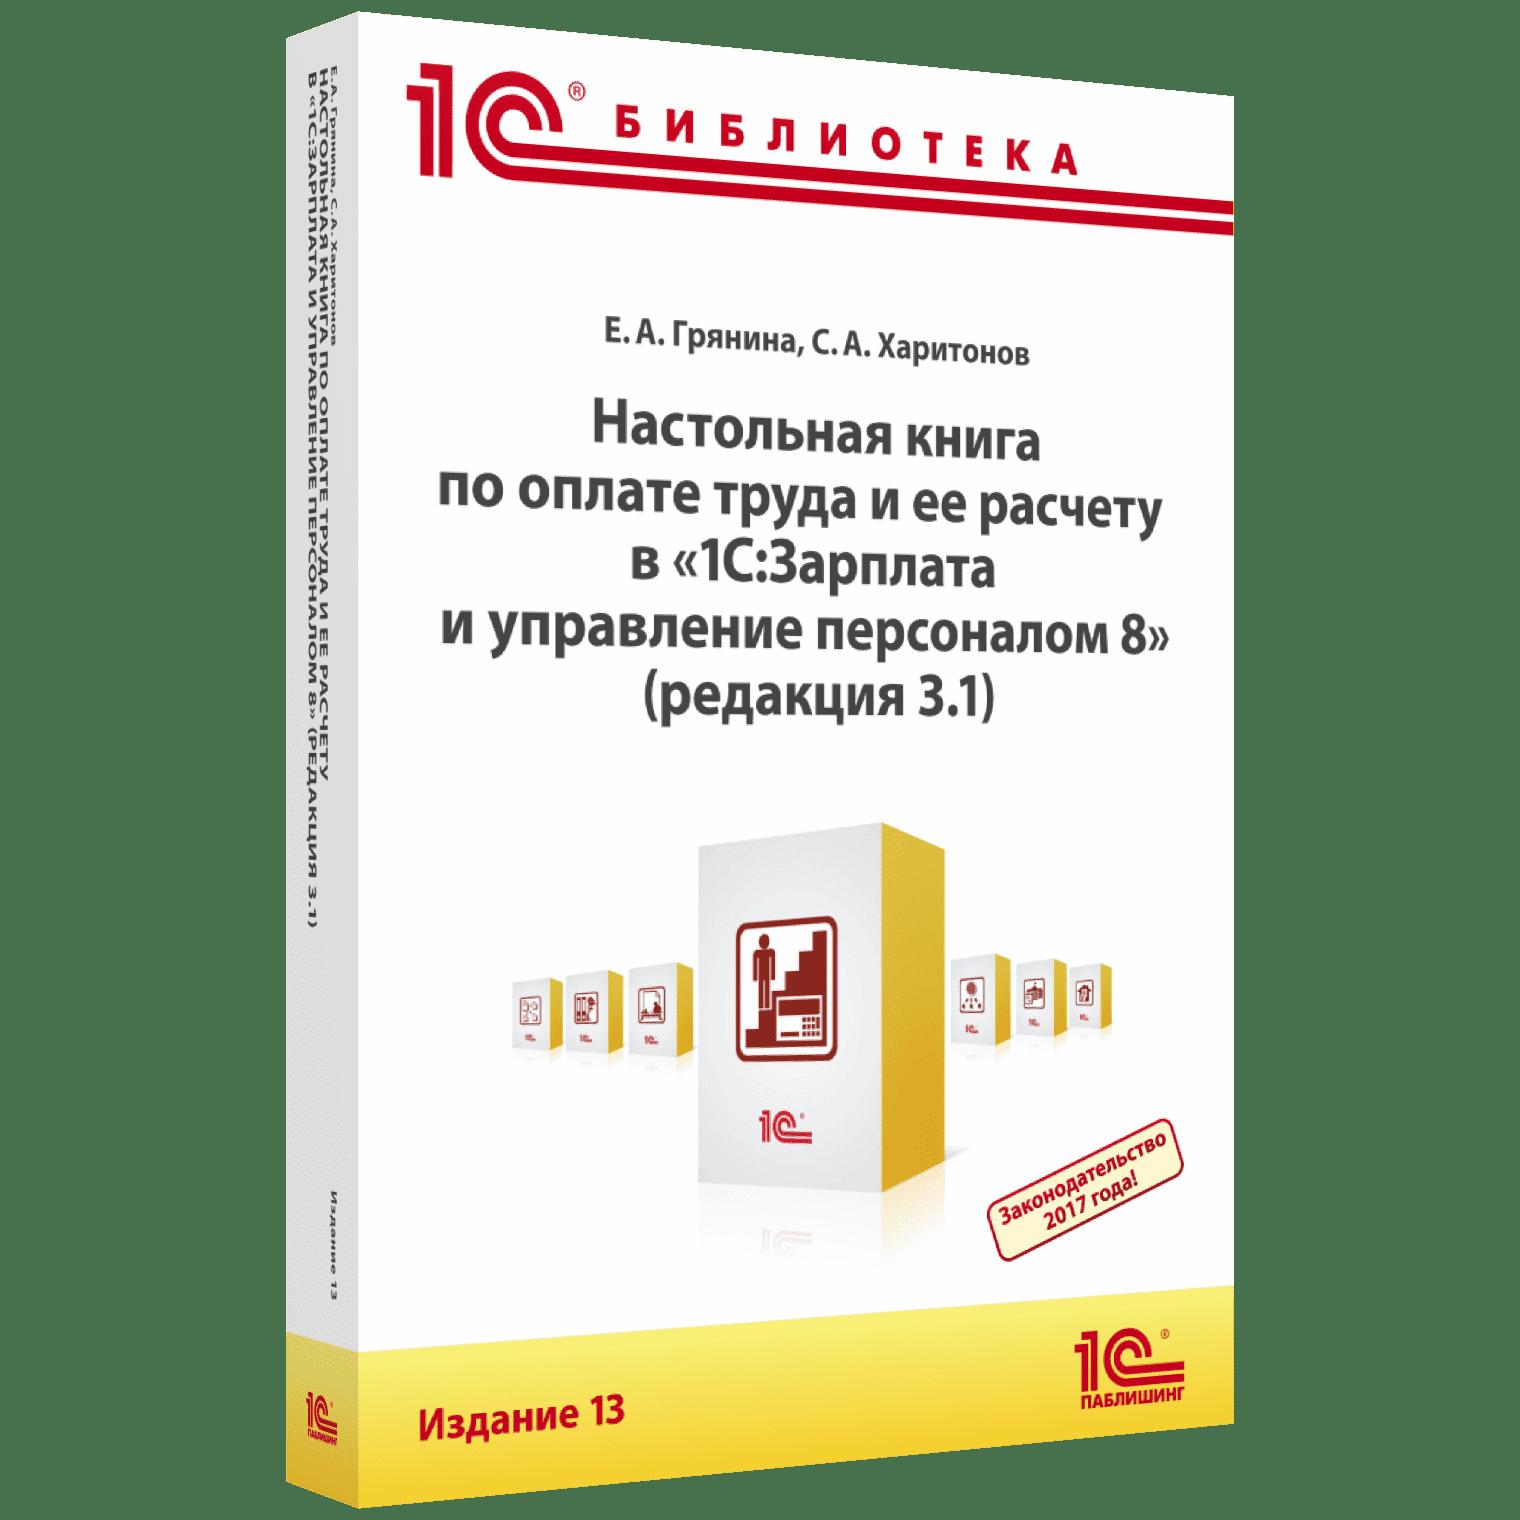 «1С:Зарплата и управление персоналом 8» (ред. 3.0). Издание 13